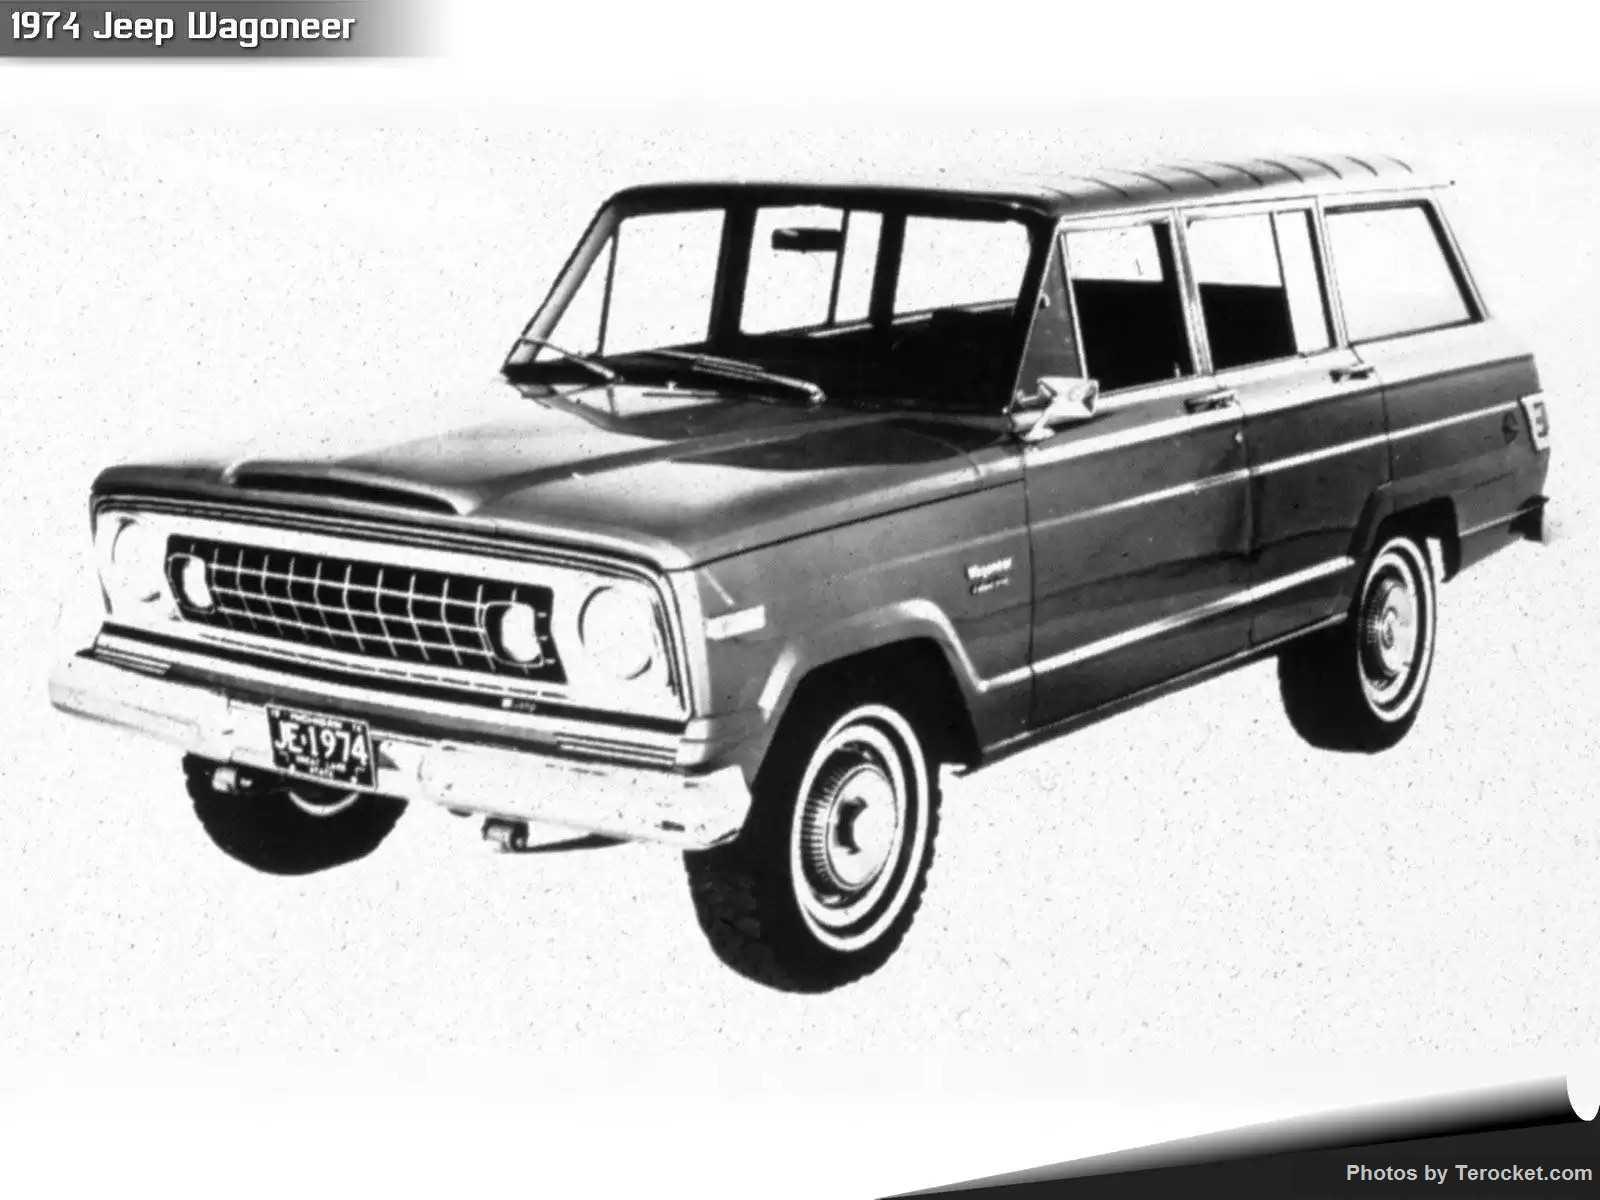 Hình ảnh xe ô tô Jeep Wagoneer 1974 & nội ngoại thất